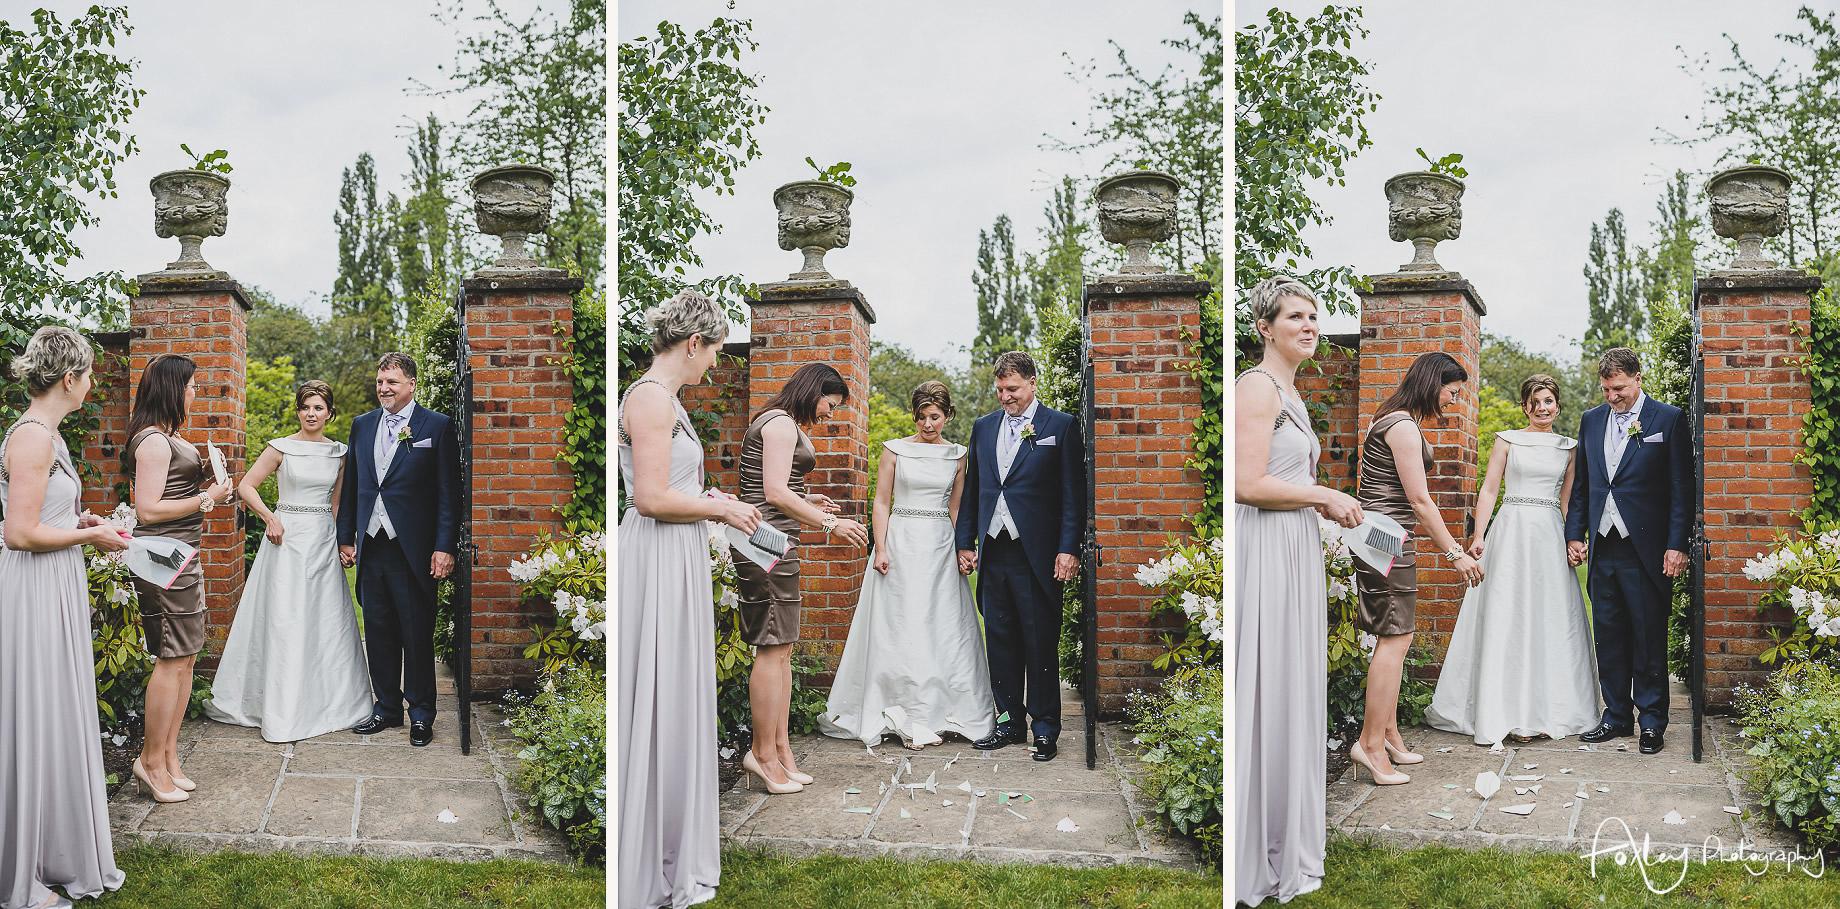 Simona-and-Robert-Wedding-at-Colshaw-Hall-113